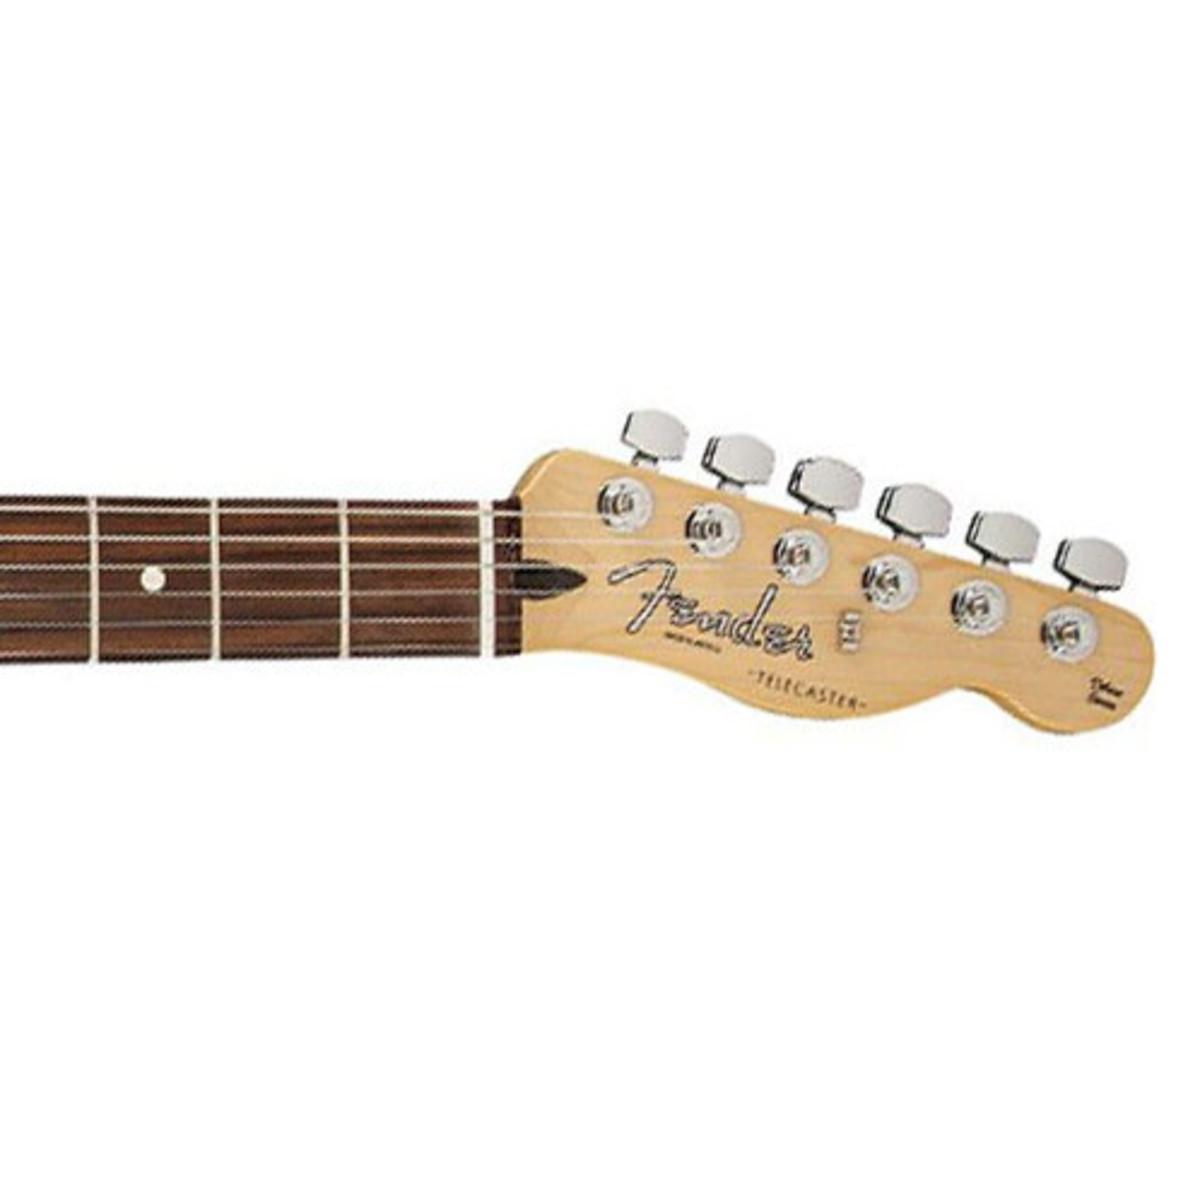 Fender guitarra comercio vintage